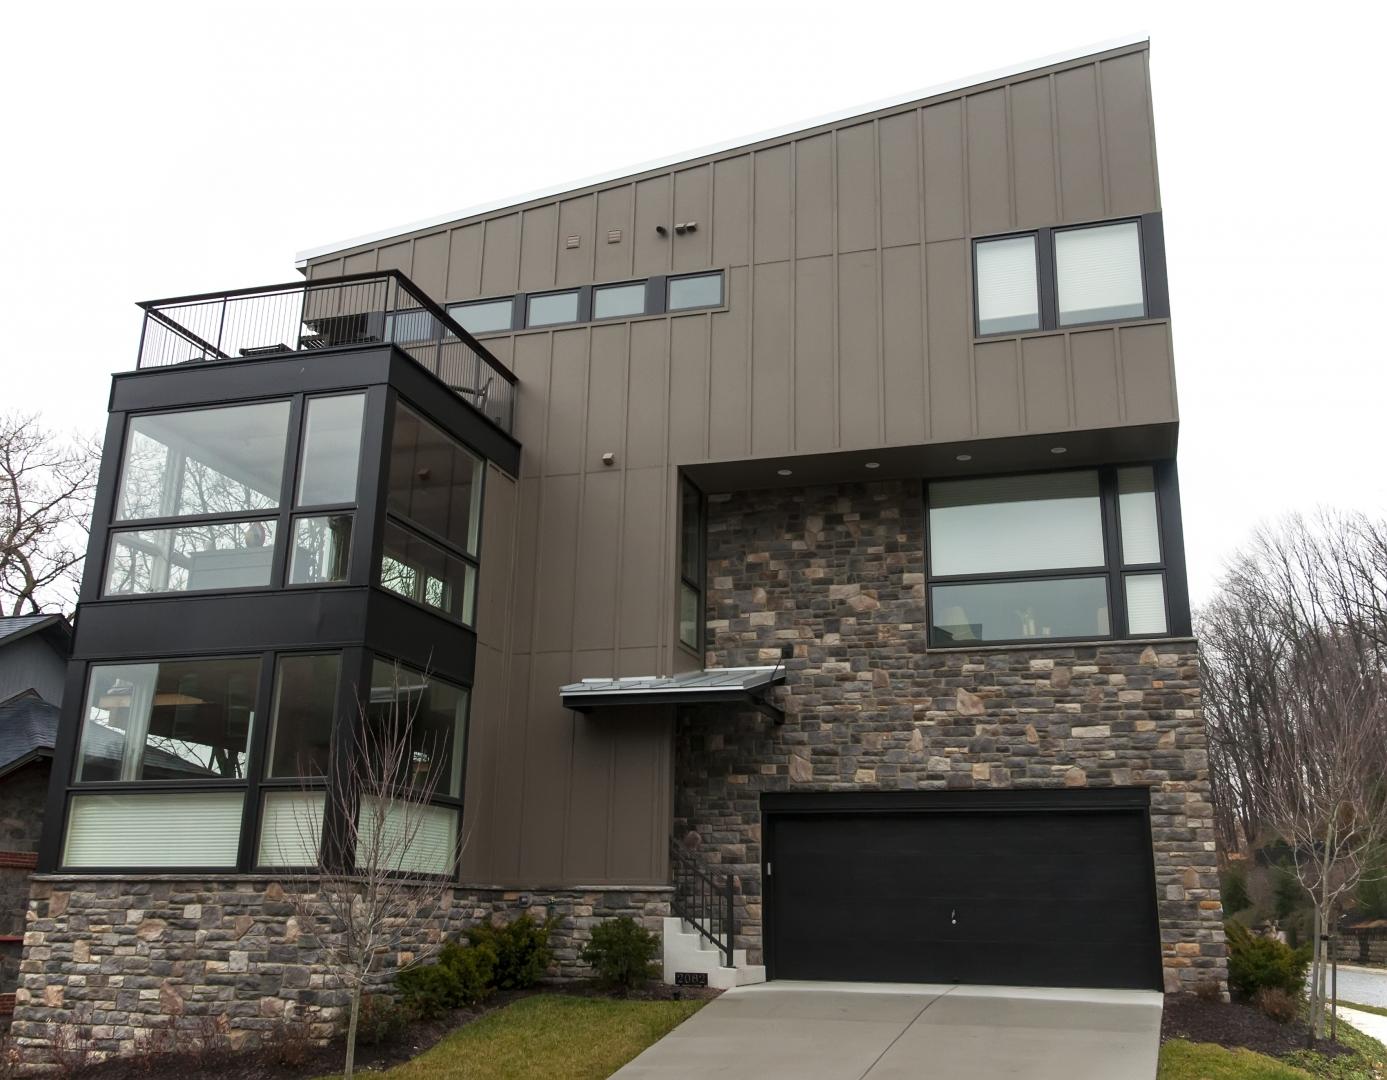 Siding Options For Modern Houses Modernize